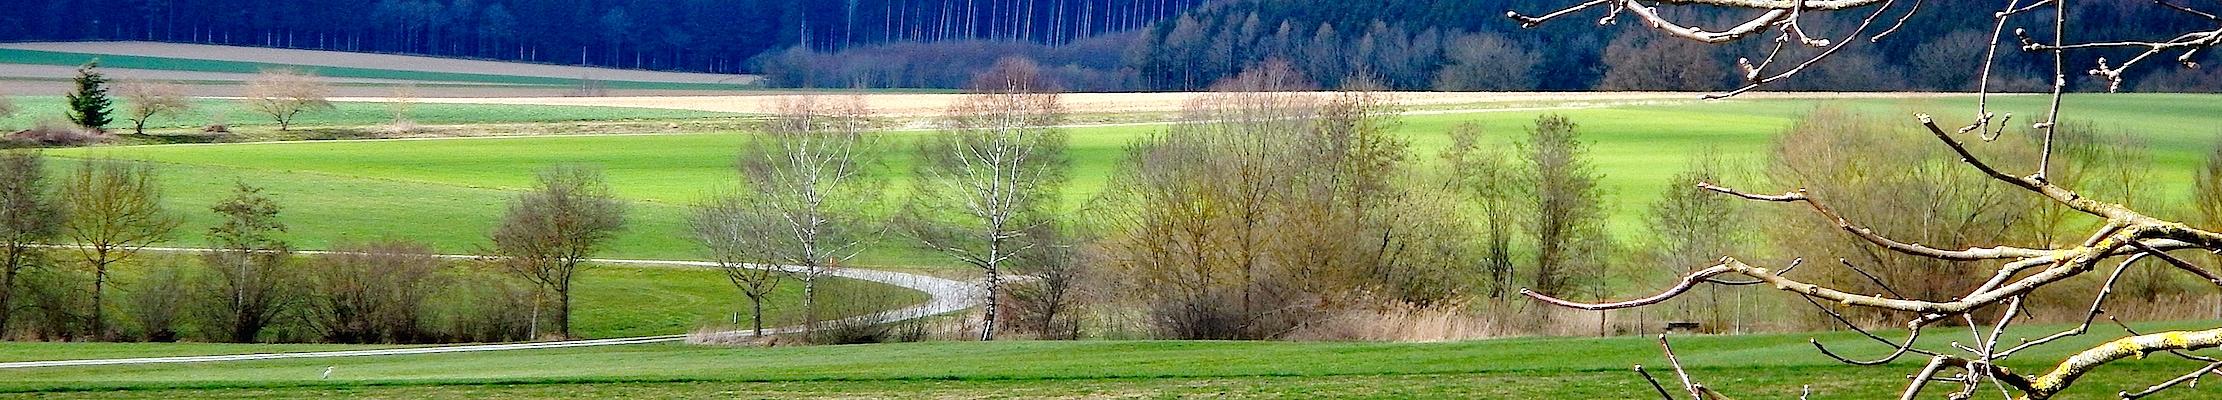 17 марта (30 марта) 2017. В этот день 2016 года в южной Германии.